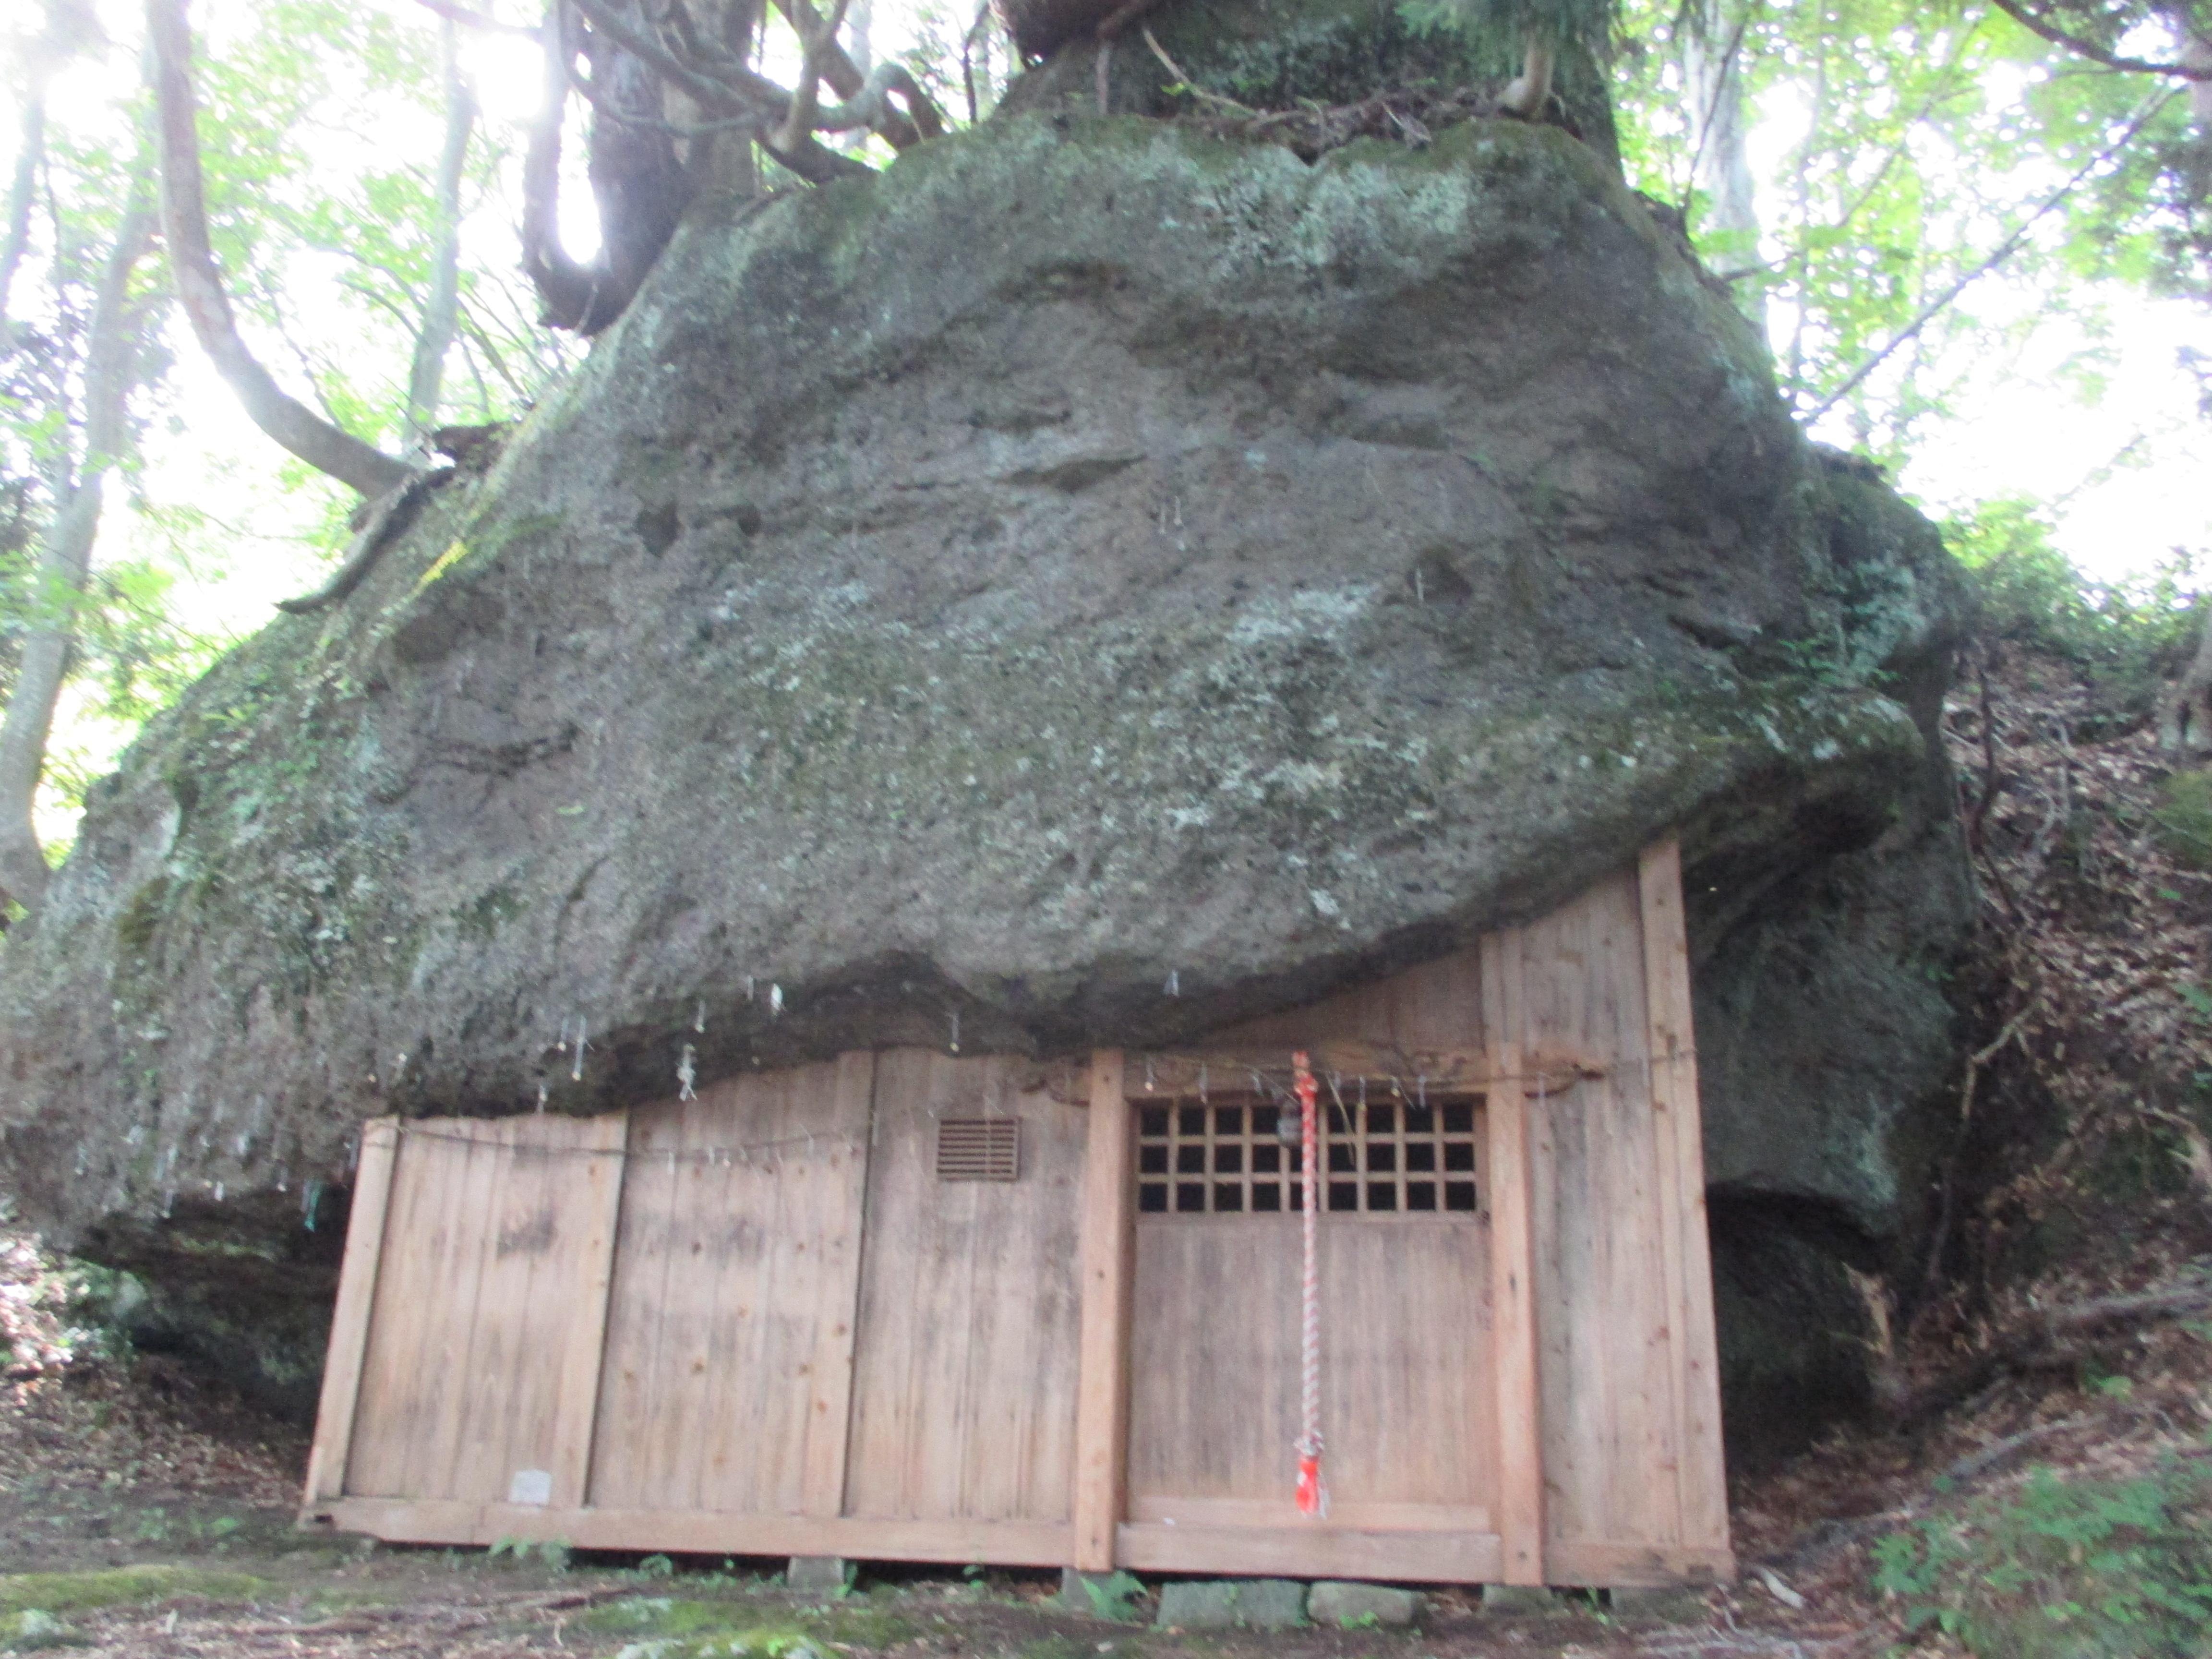 【福島県】岩の下に神社が!?3つの岩のパワースポット三石神社に行ってきた。